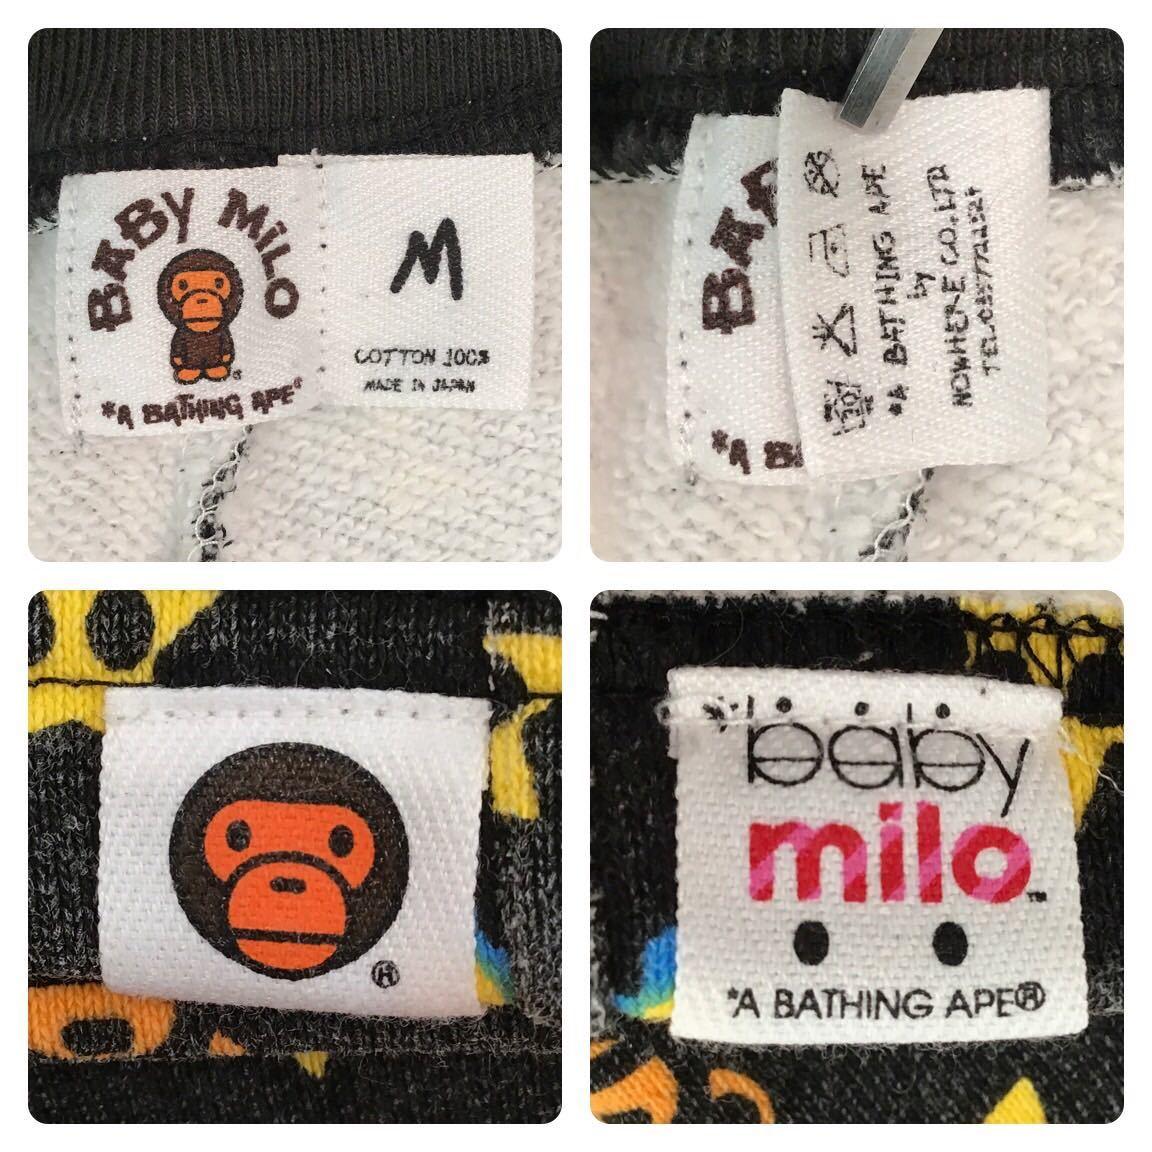 milo monogram スウェット ハーフパンツ Mサイズ a bathing ape BAPE sweat shorts エイプ ベイプ アベイシングエイプ マイロ モノグラム w